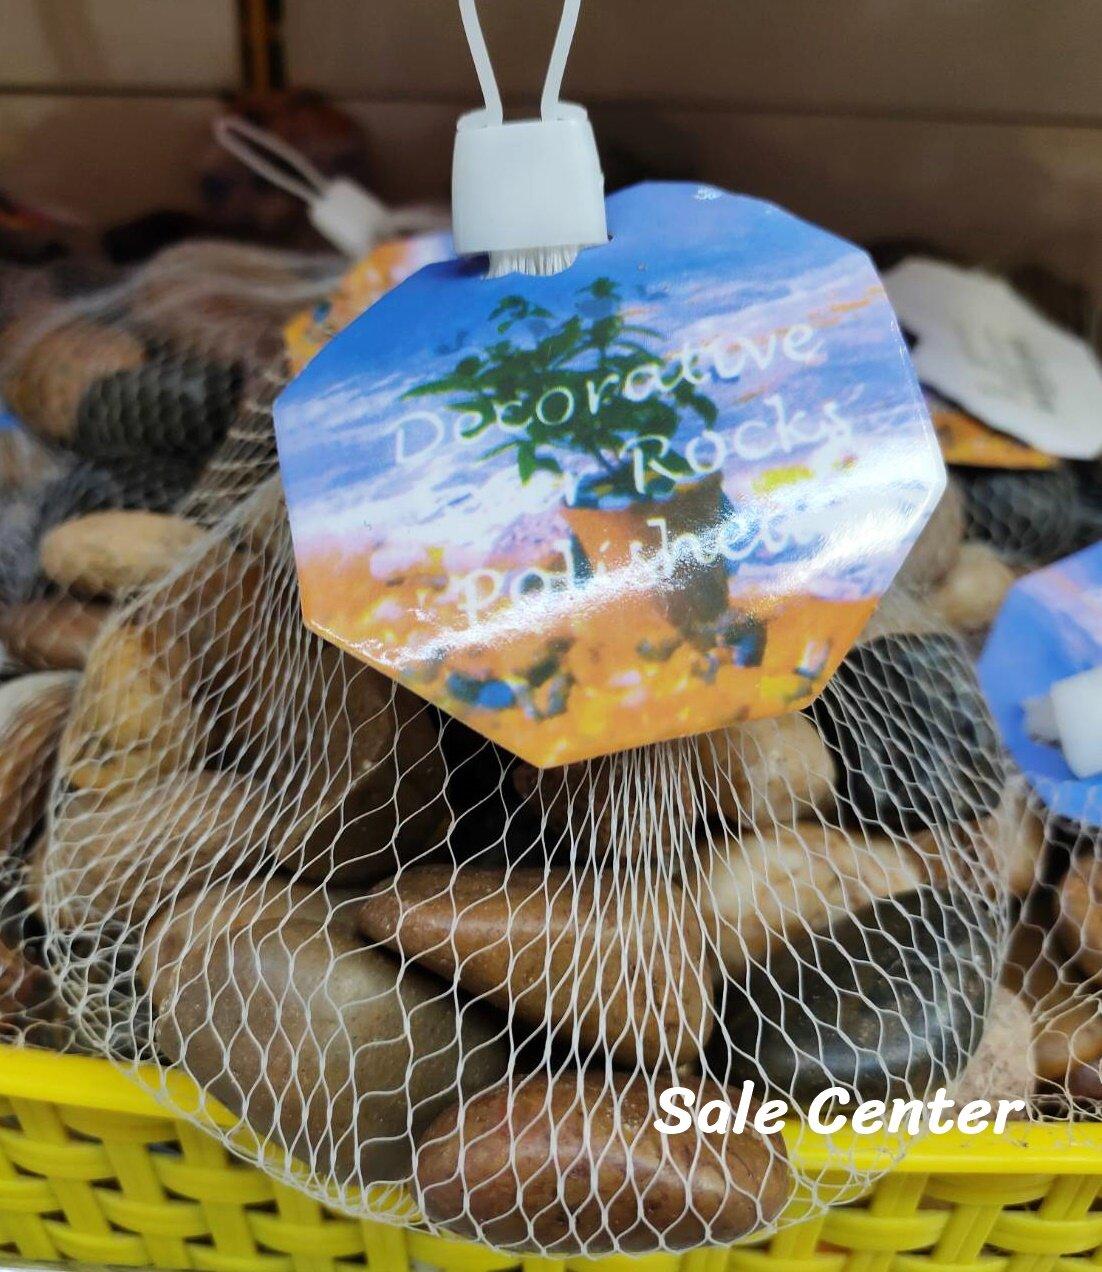 ก้อนหิน ก้อนหินตกแต่ง หินตู้ปลา หินแม่น้ำ หินแต่งสวน แต่งต้นไม้ หินโรยหน้ากระถาง ประดับตู้ปลา หิน รองพื้น 500 กรัม